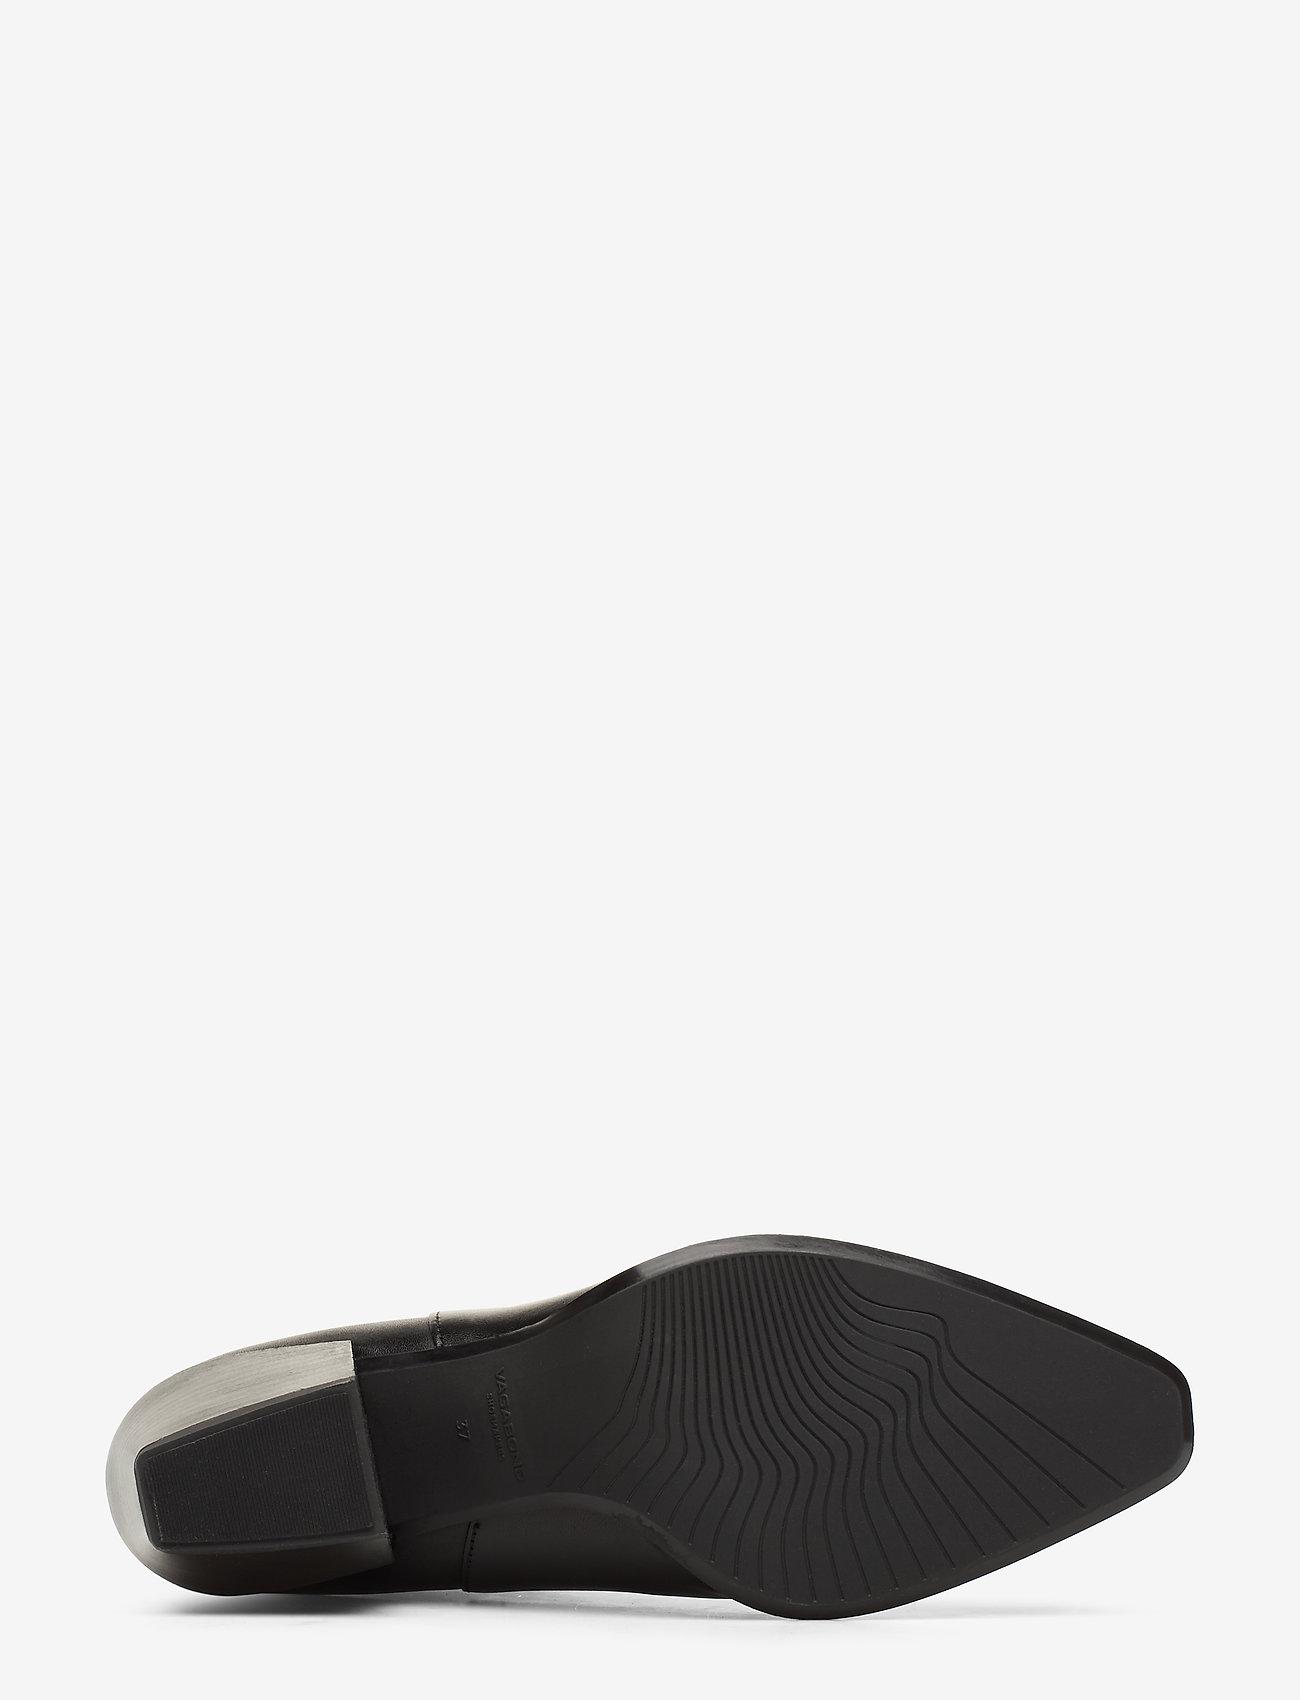 Betsy (Black) (1400 kr) VAGABOND |